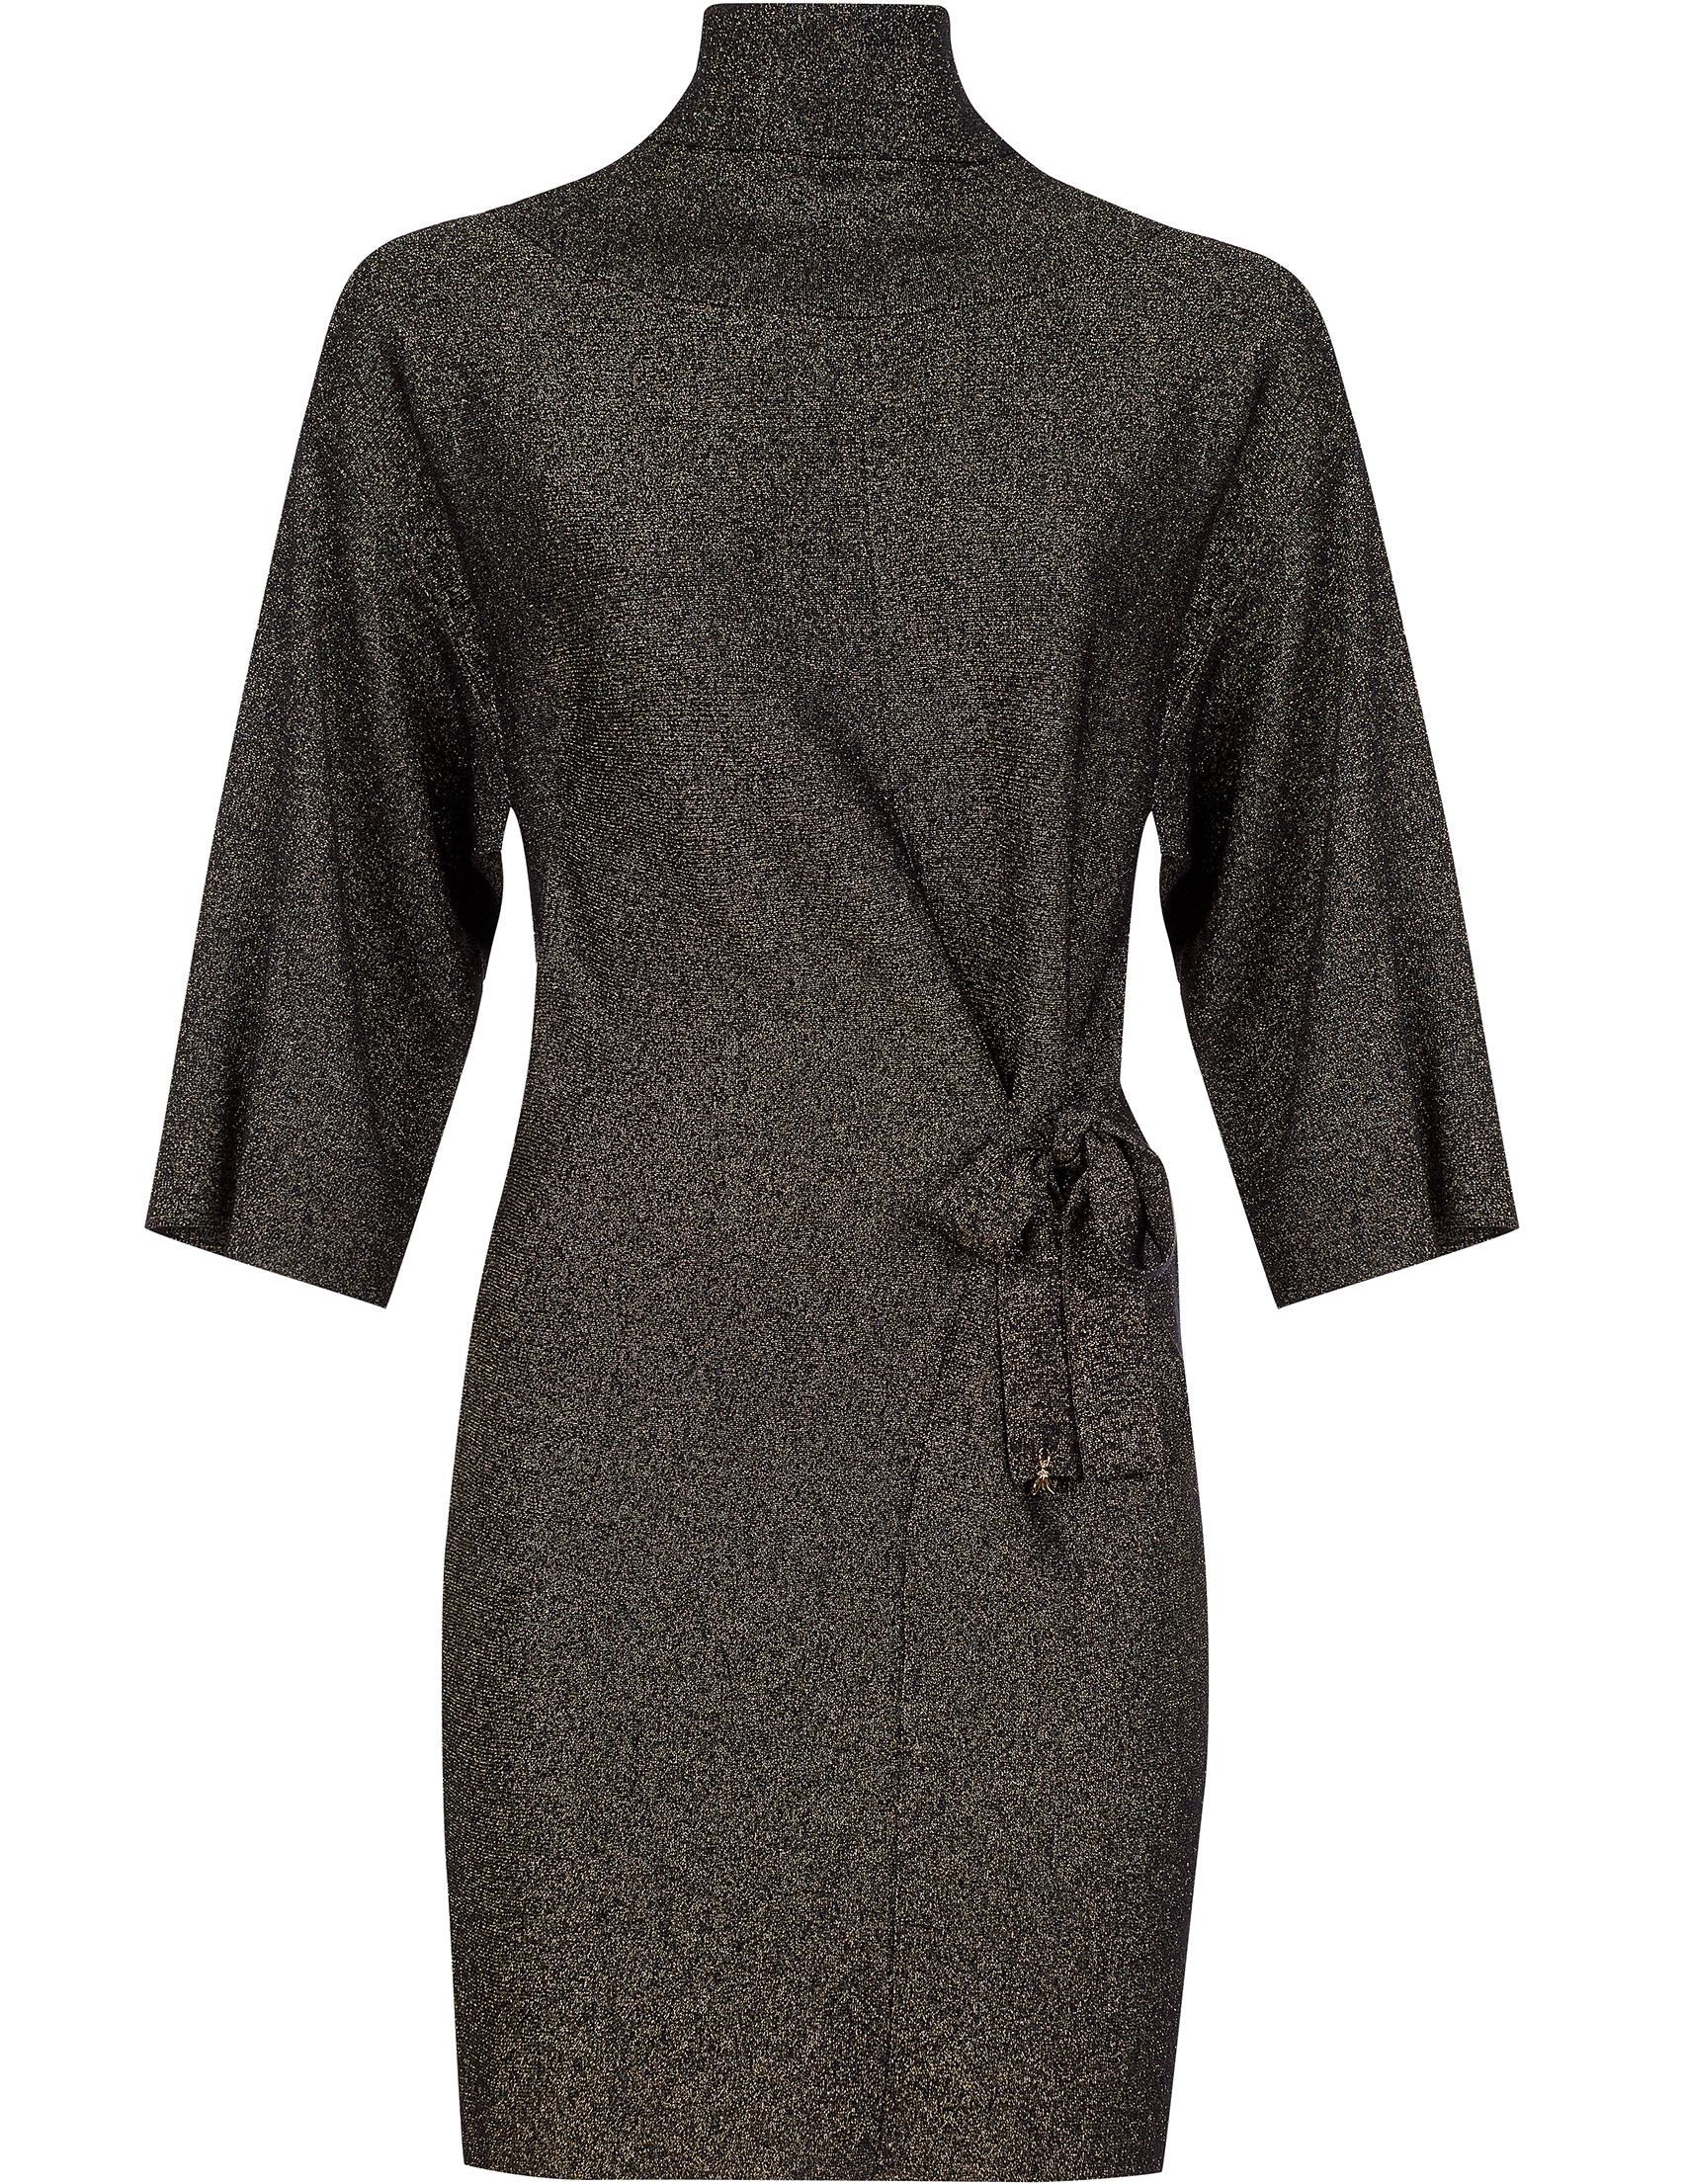 Купить Платья, Платье, PATRIZIA PEPE, Черный, 75%Вискоза 15%Полиамид 10%Полиэстер, Осень-Зима